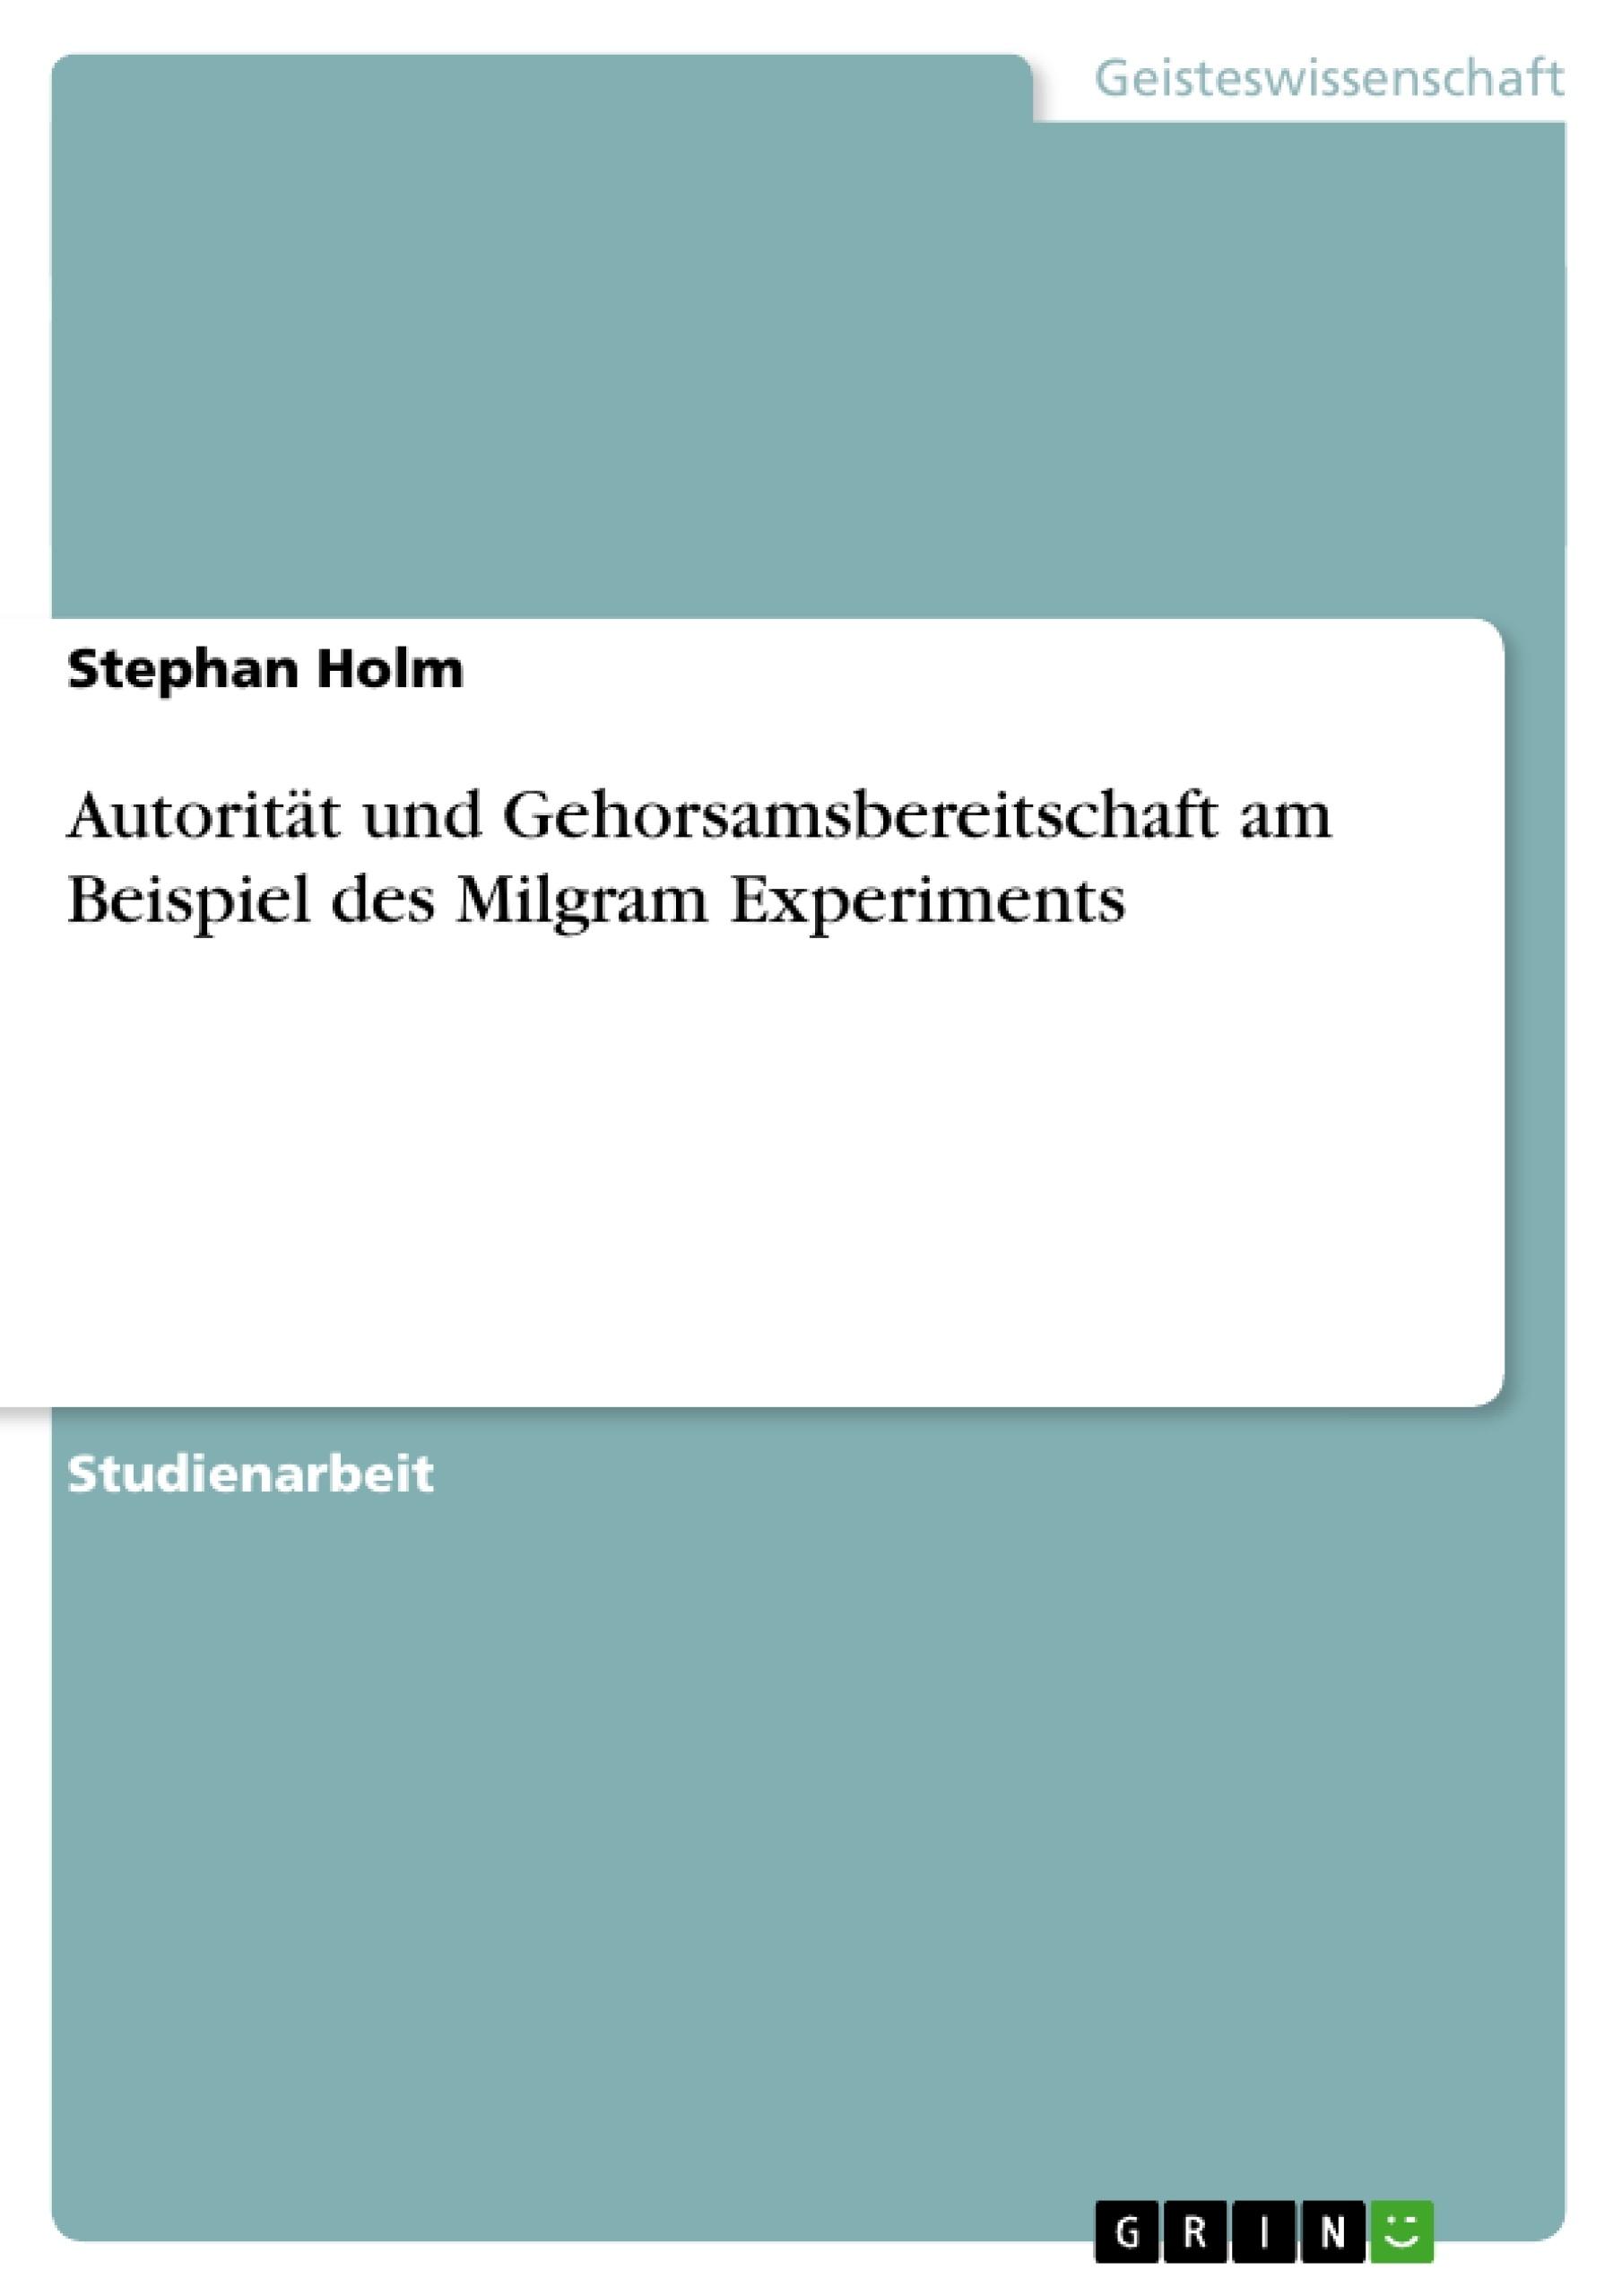 Titel: Autorität und Gehorsamsbereitschaft am Beispiel des Milgram Experiments